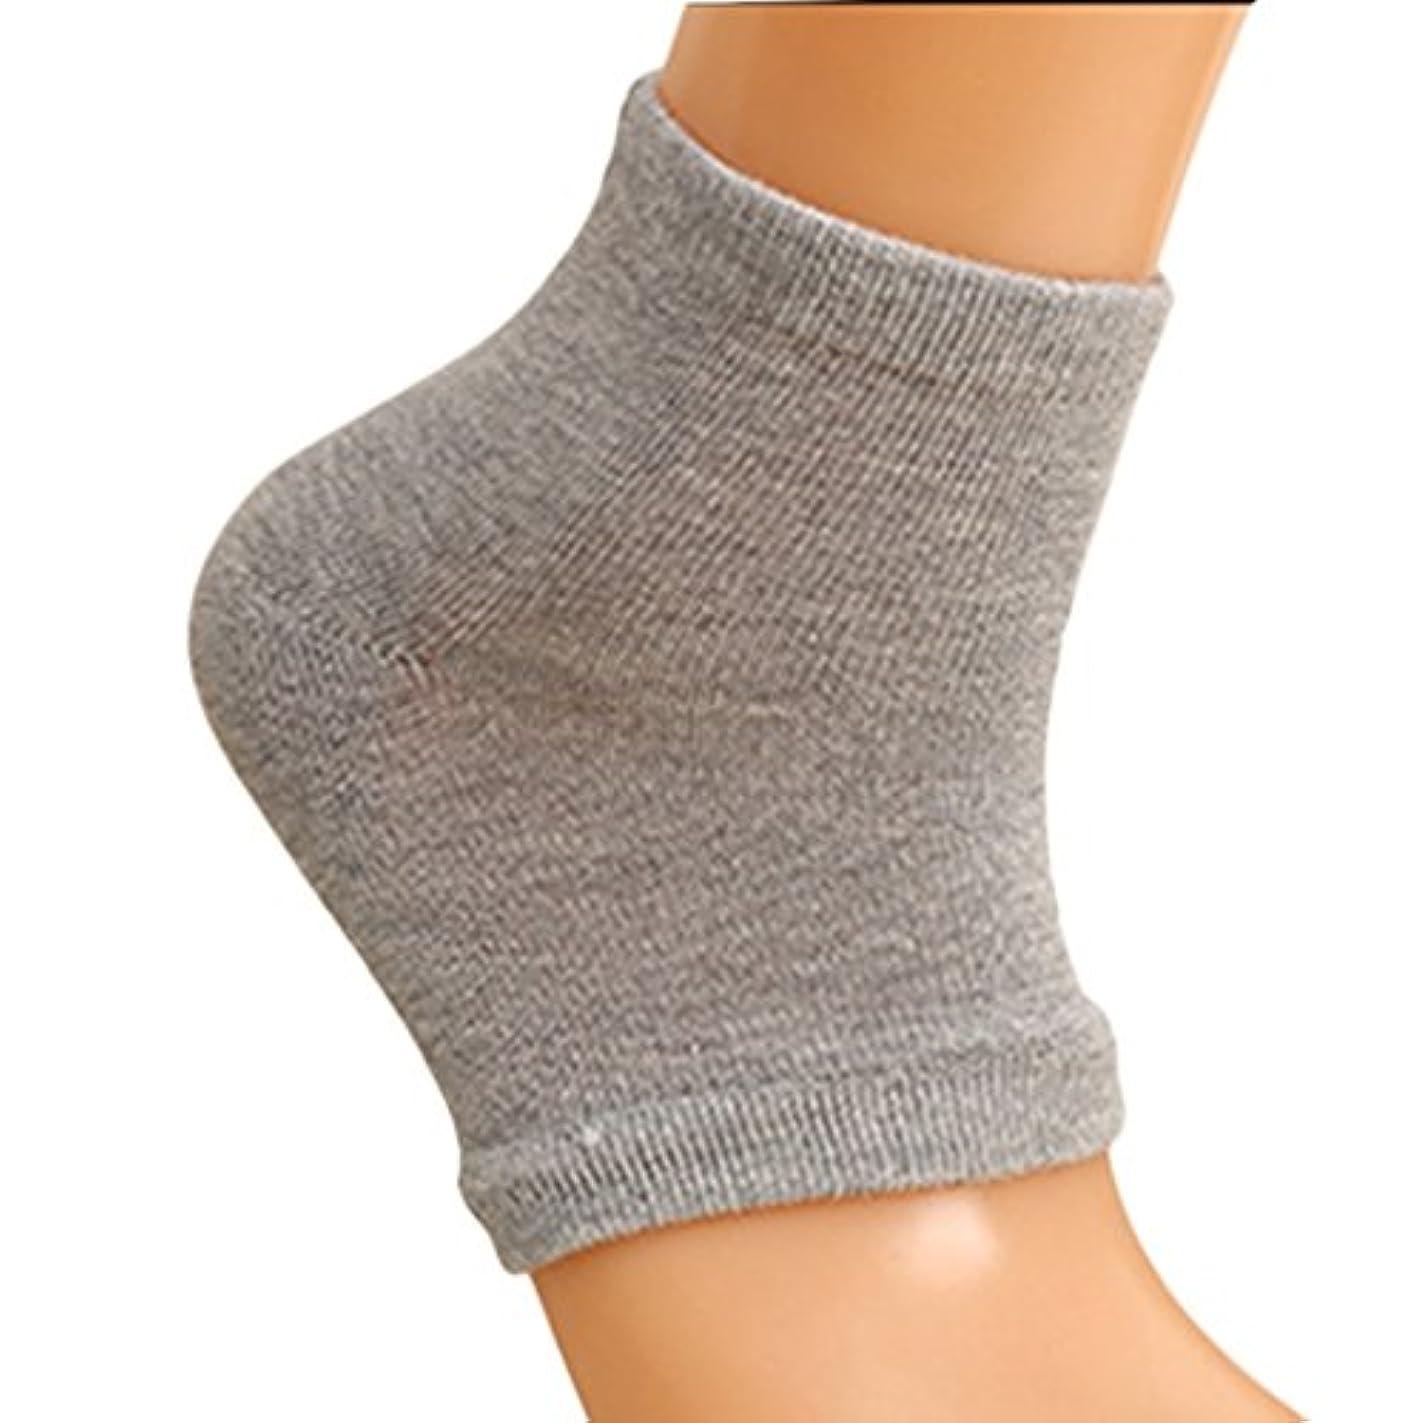 欲しいです経済的マラウイXiton 靴下 ソックス レディース メンズ 靴下 つるつる 靴下 フットケア かかとケア ひび 角質ケア 保湿 角質除去(2足セット グレー)